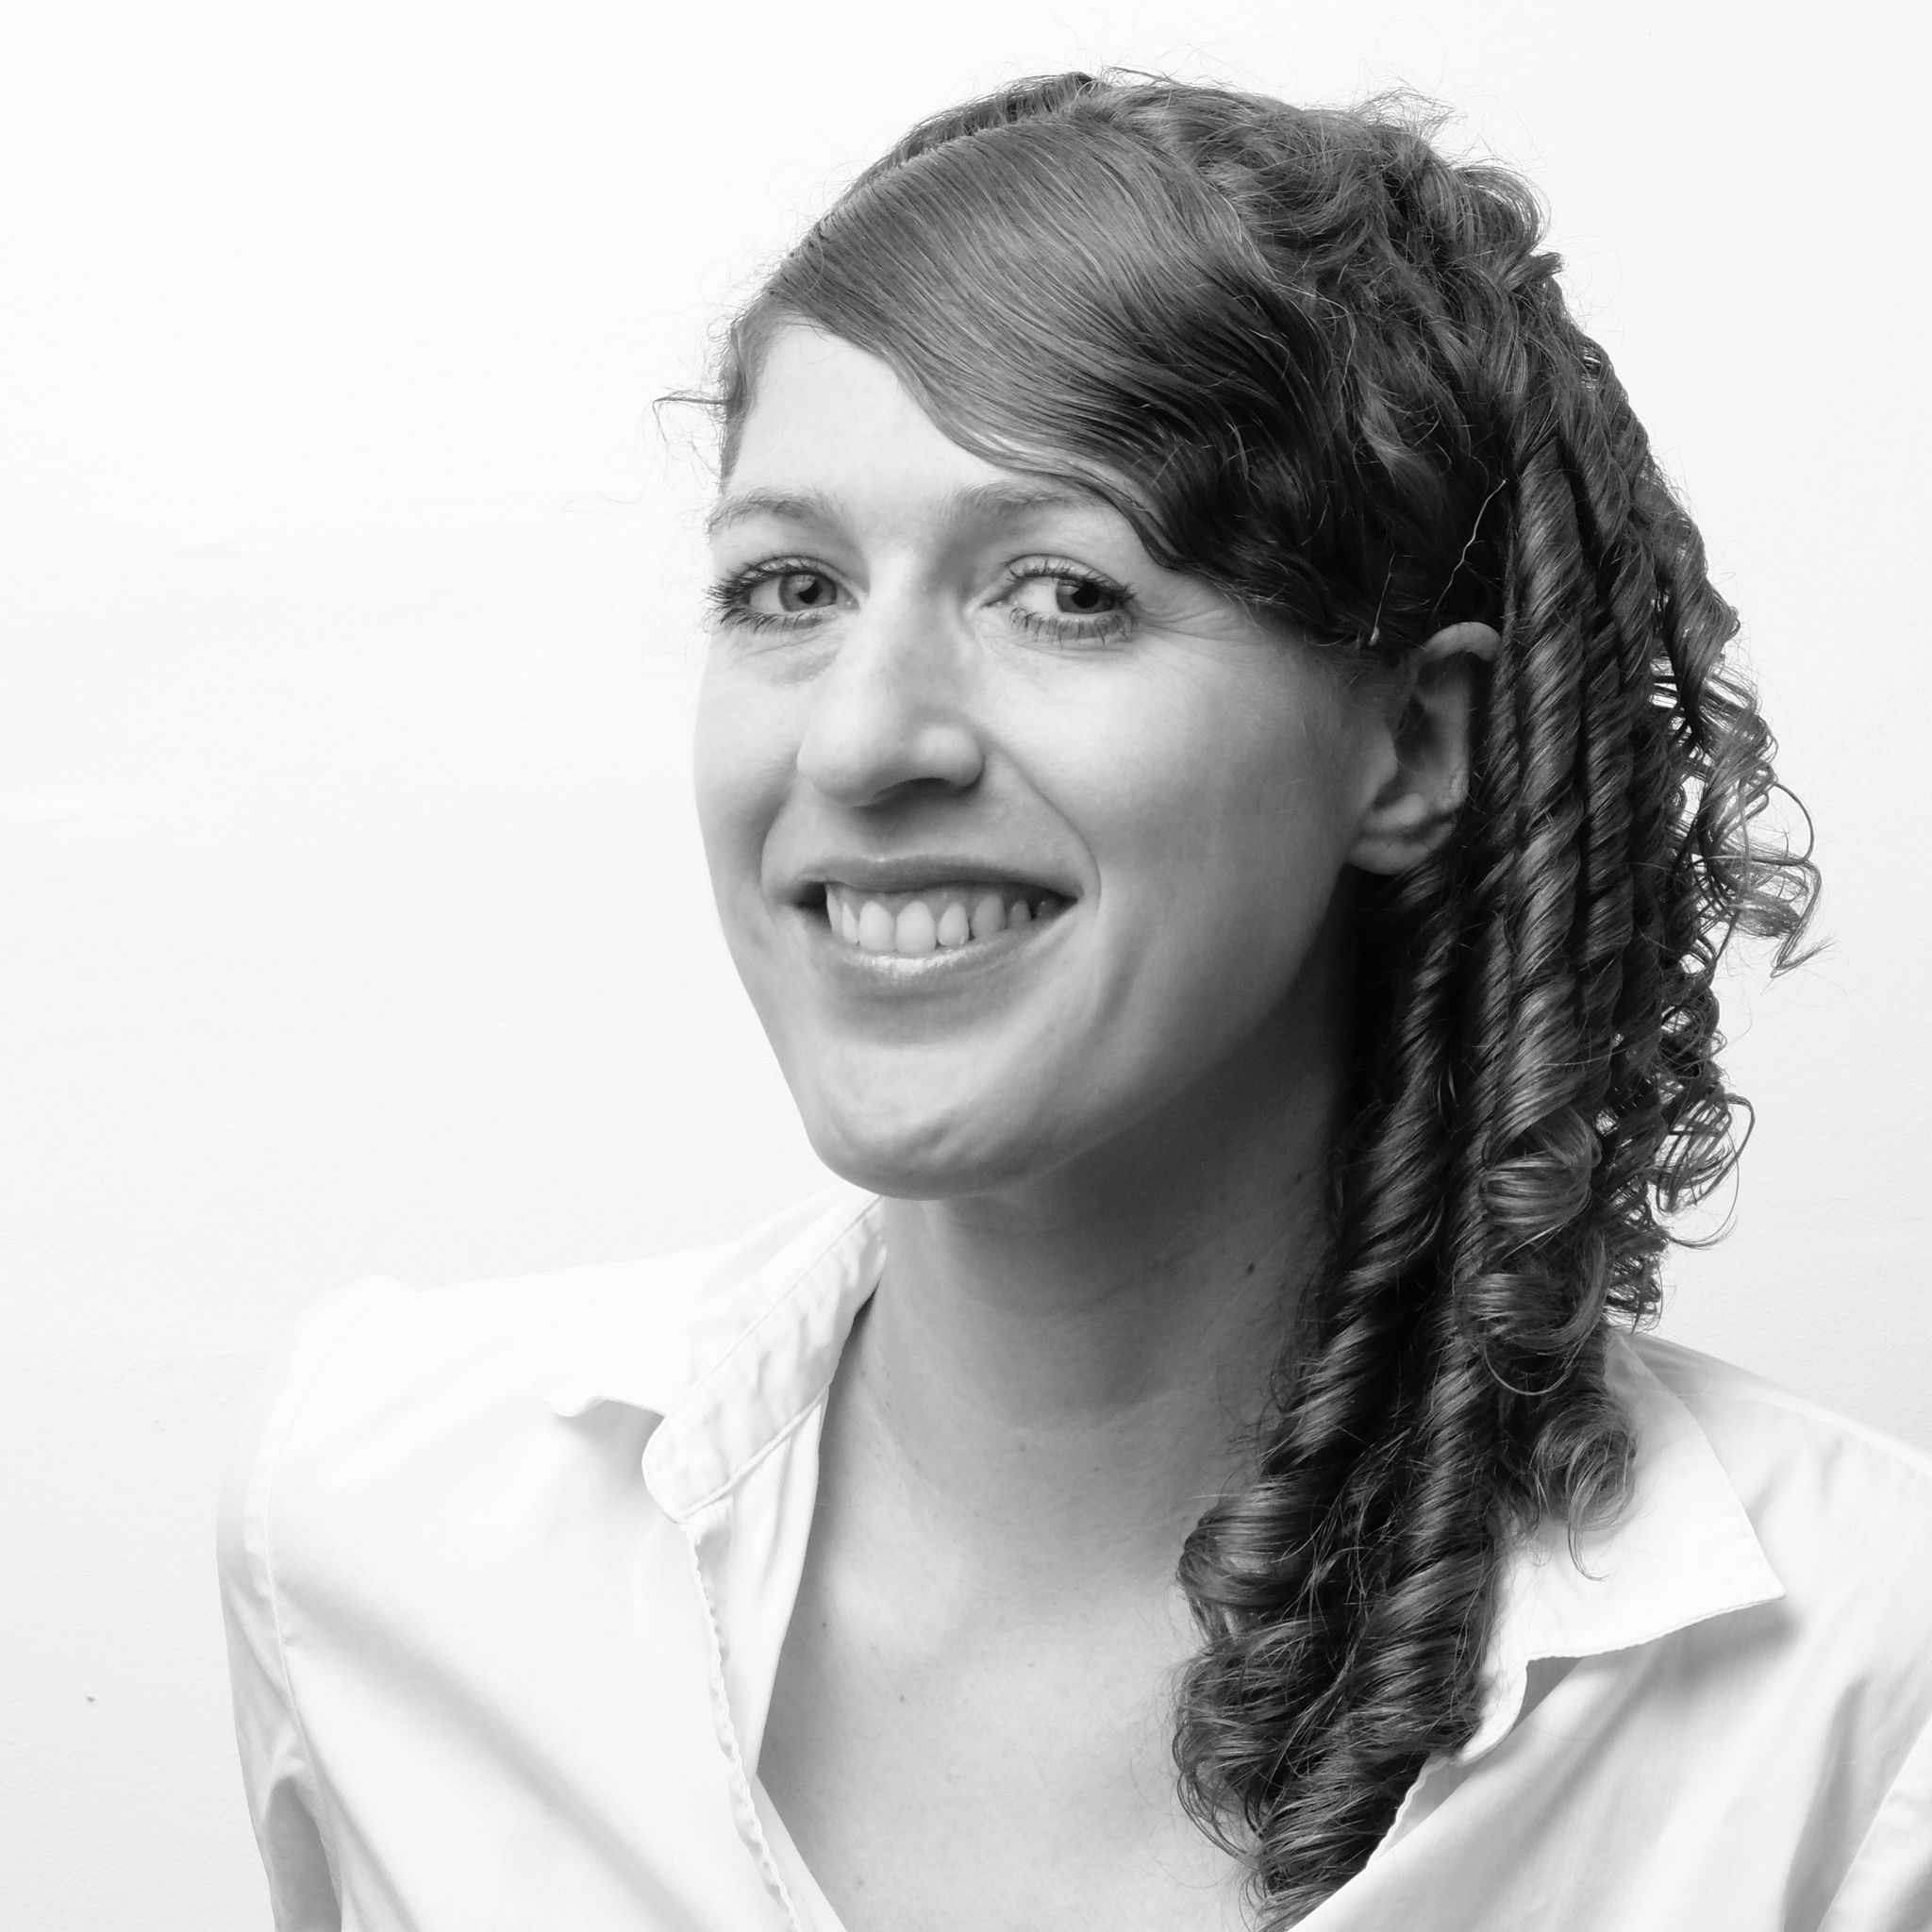 Ingrid Åbergsjord